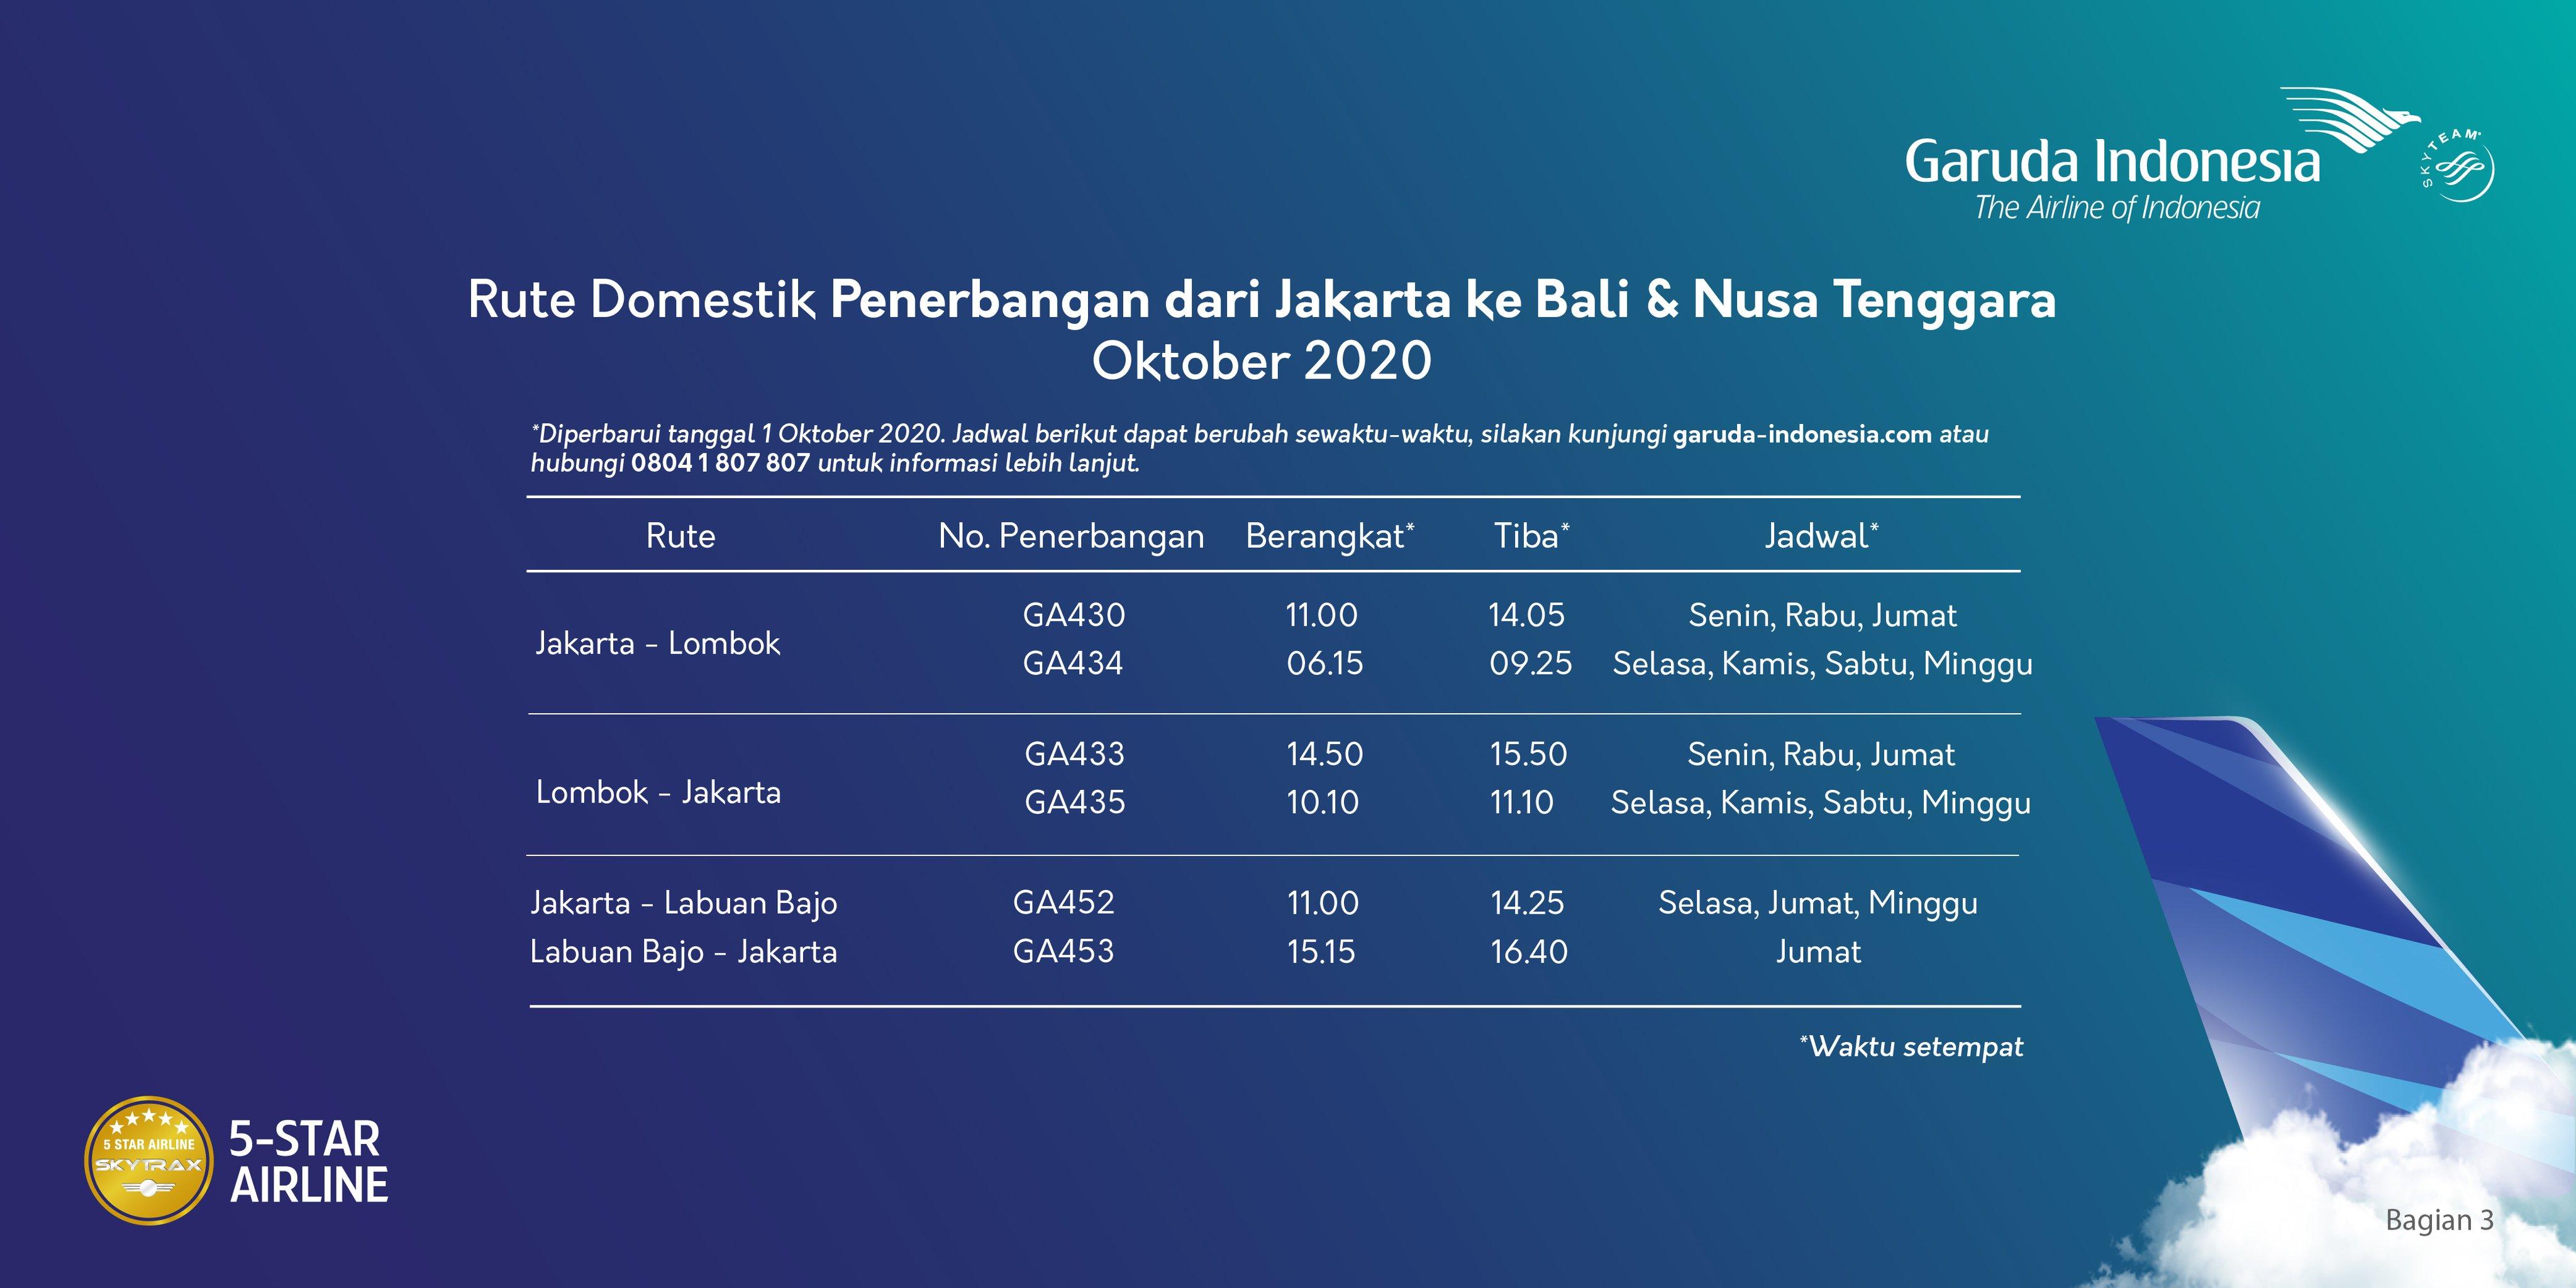 Jadwal terbang Garuda Indonesia.